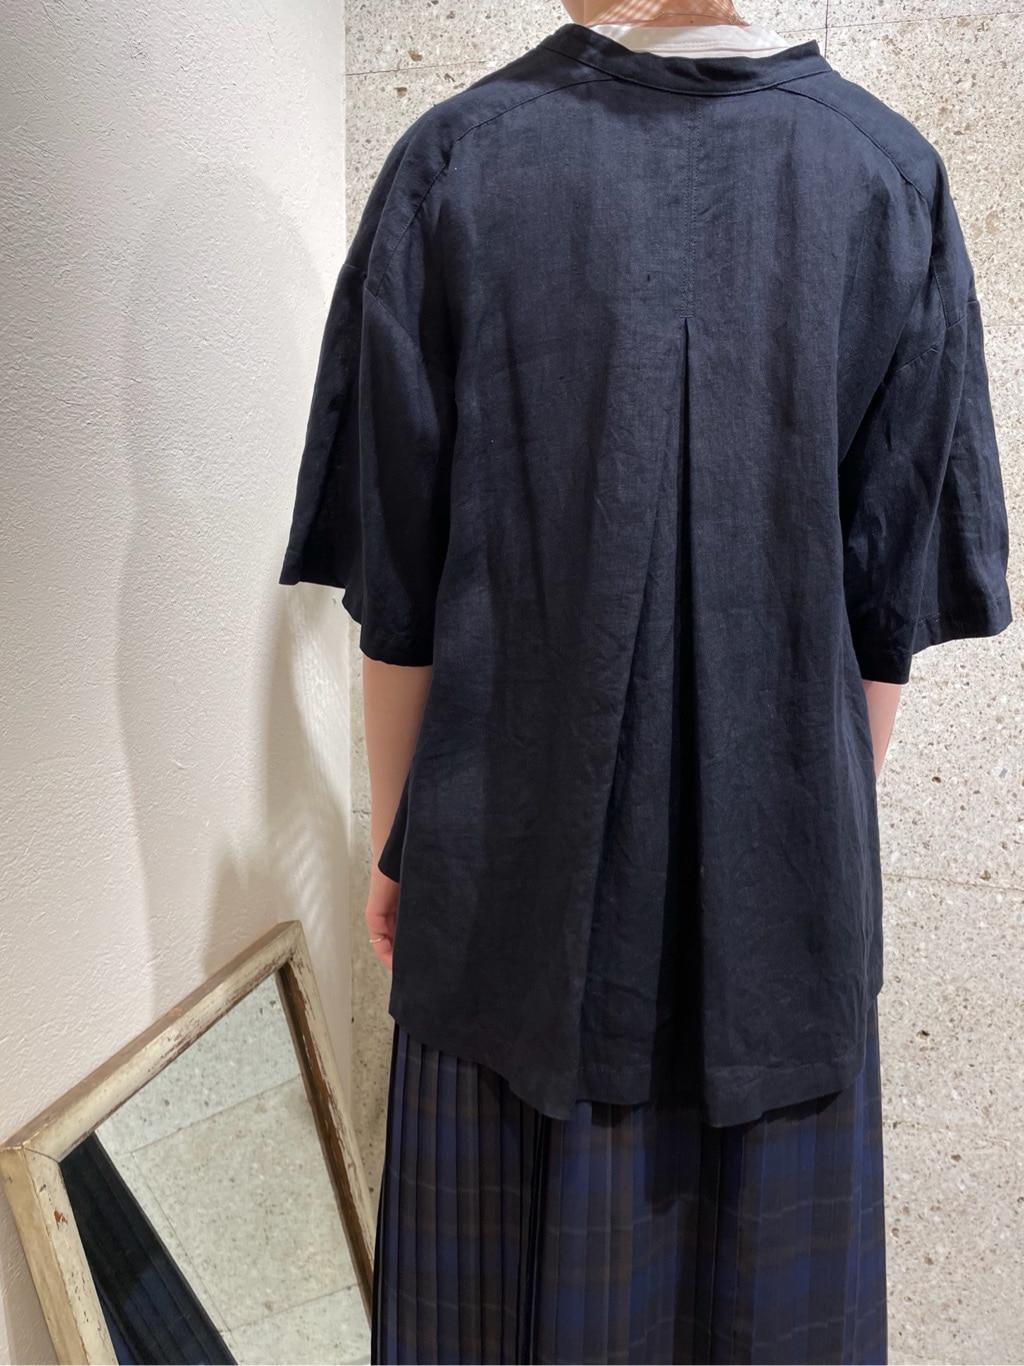 yuni ニュウマン横浜 身長:166cm 2021.05.11